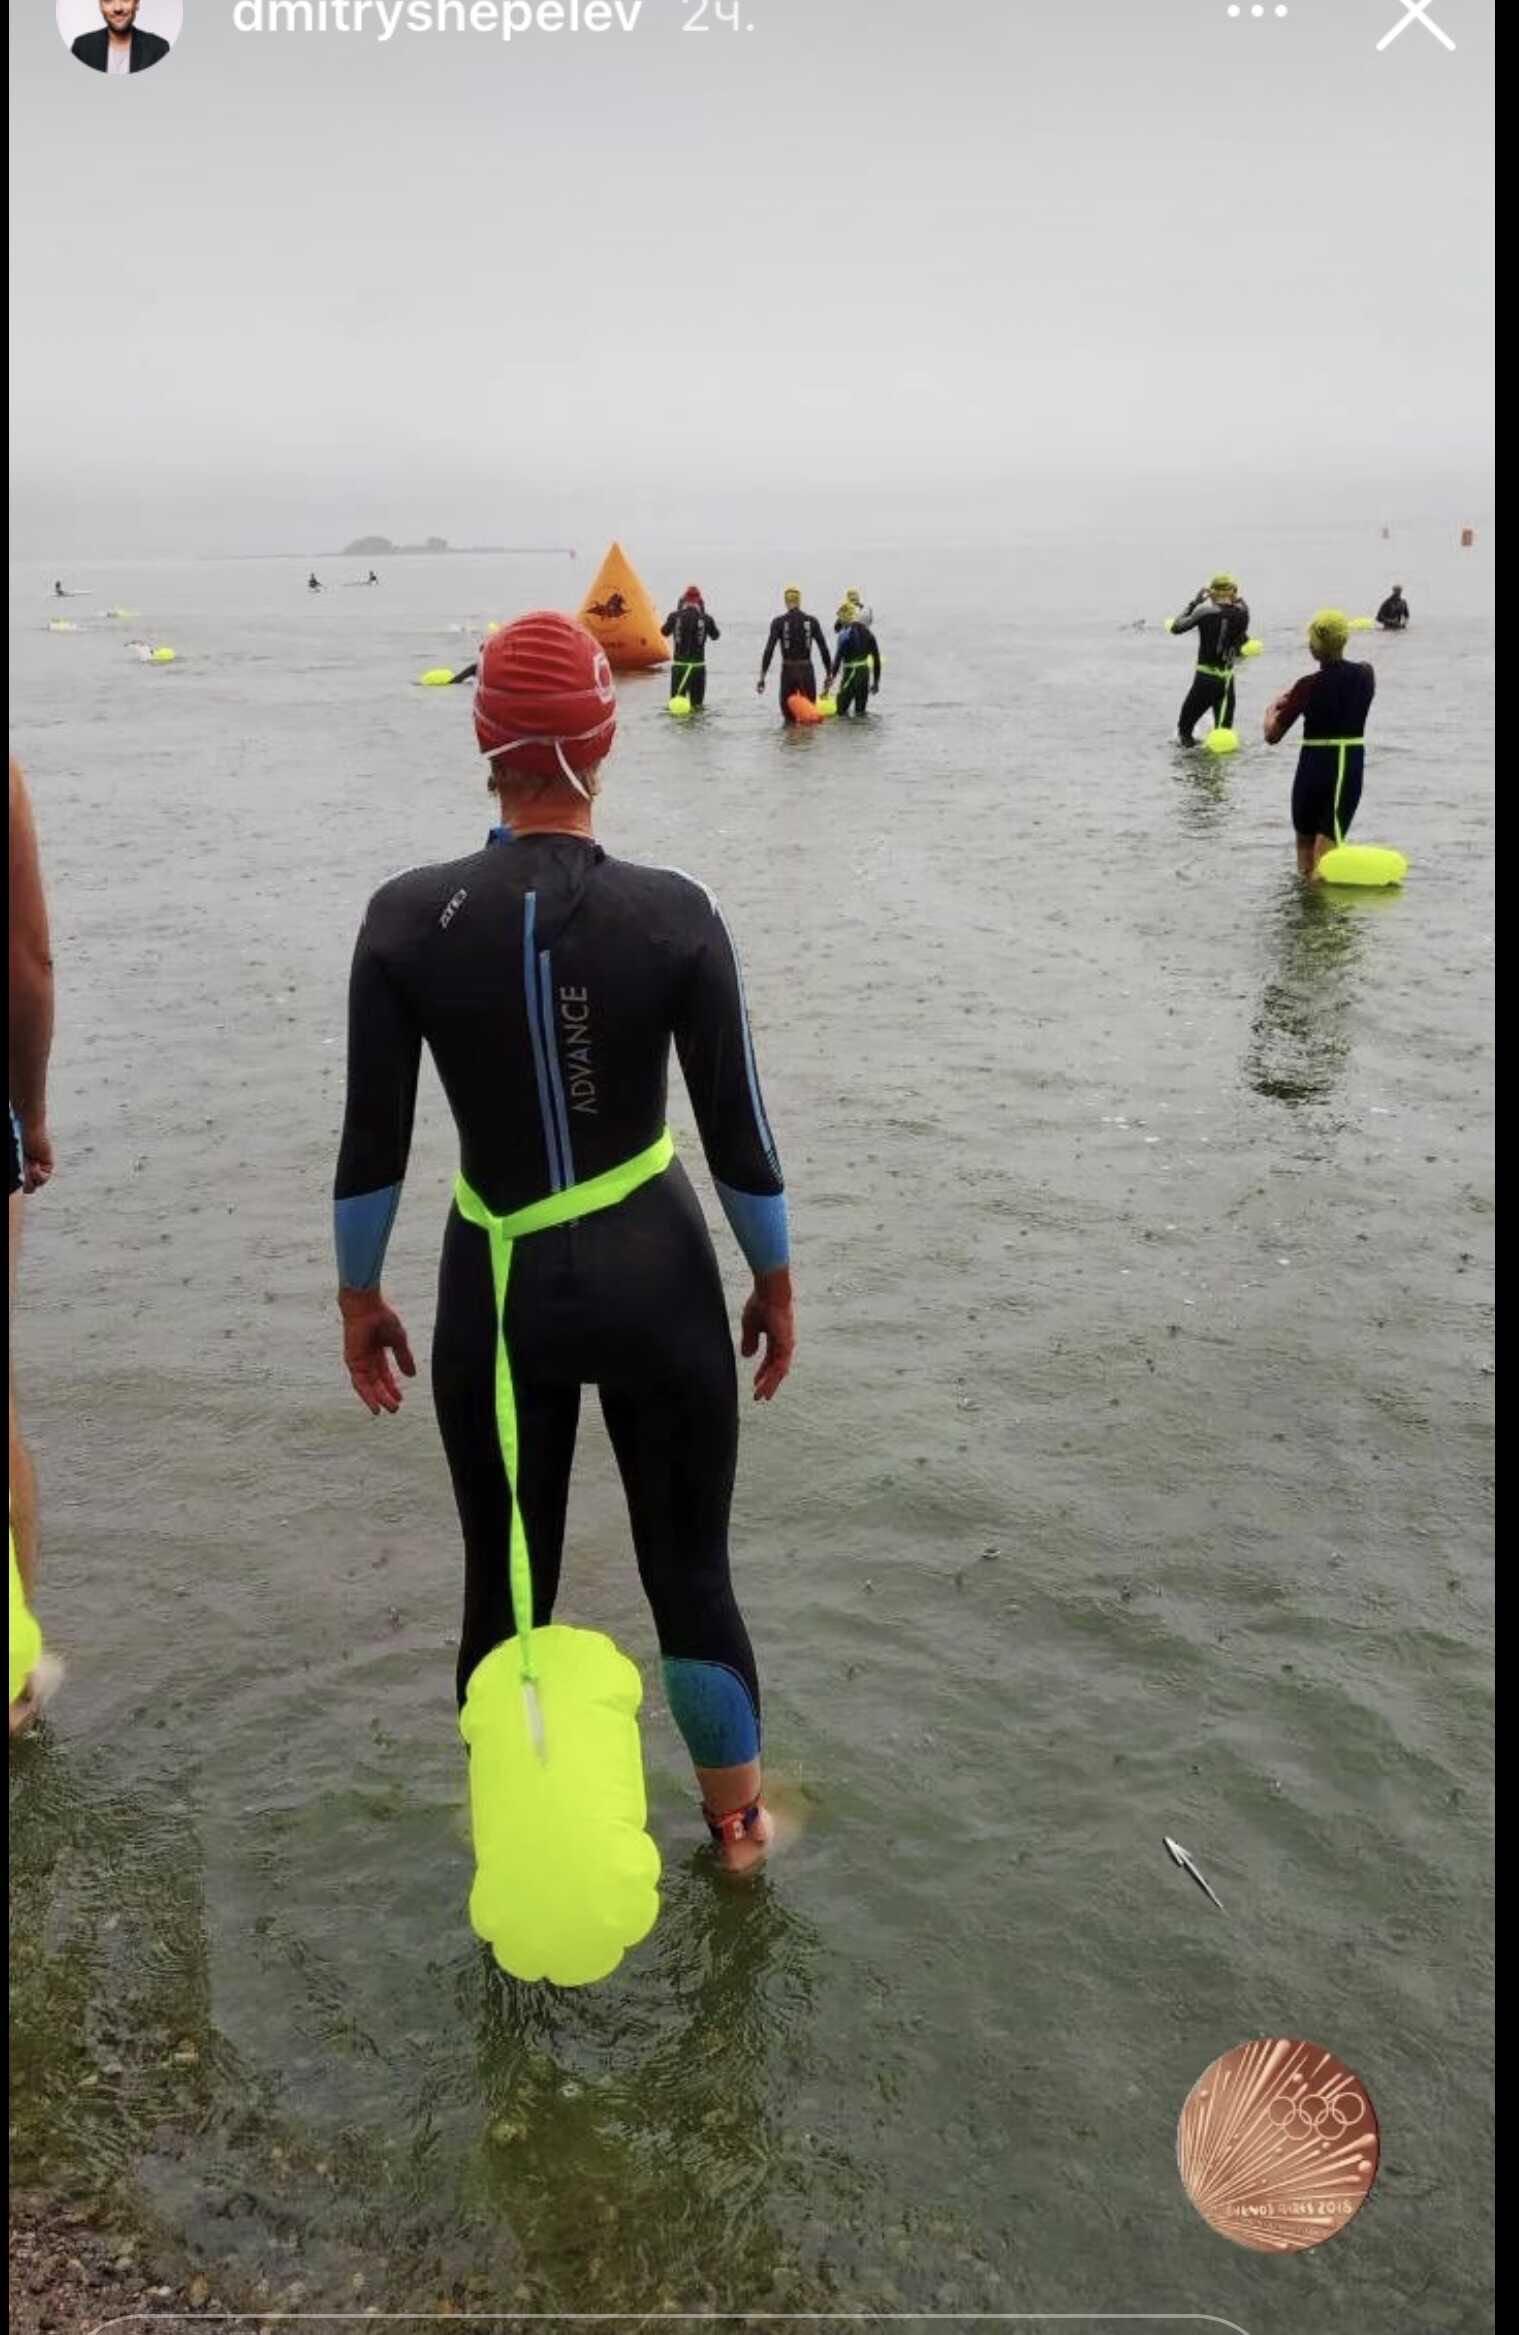 62-летняя пловчиха-мать Дмитрия Шепелева поразила пользователей своей стройной фигурой